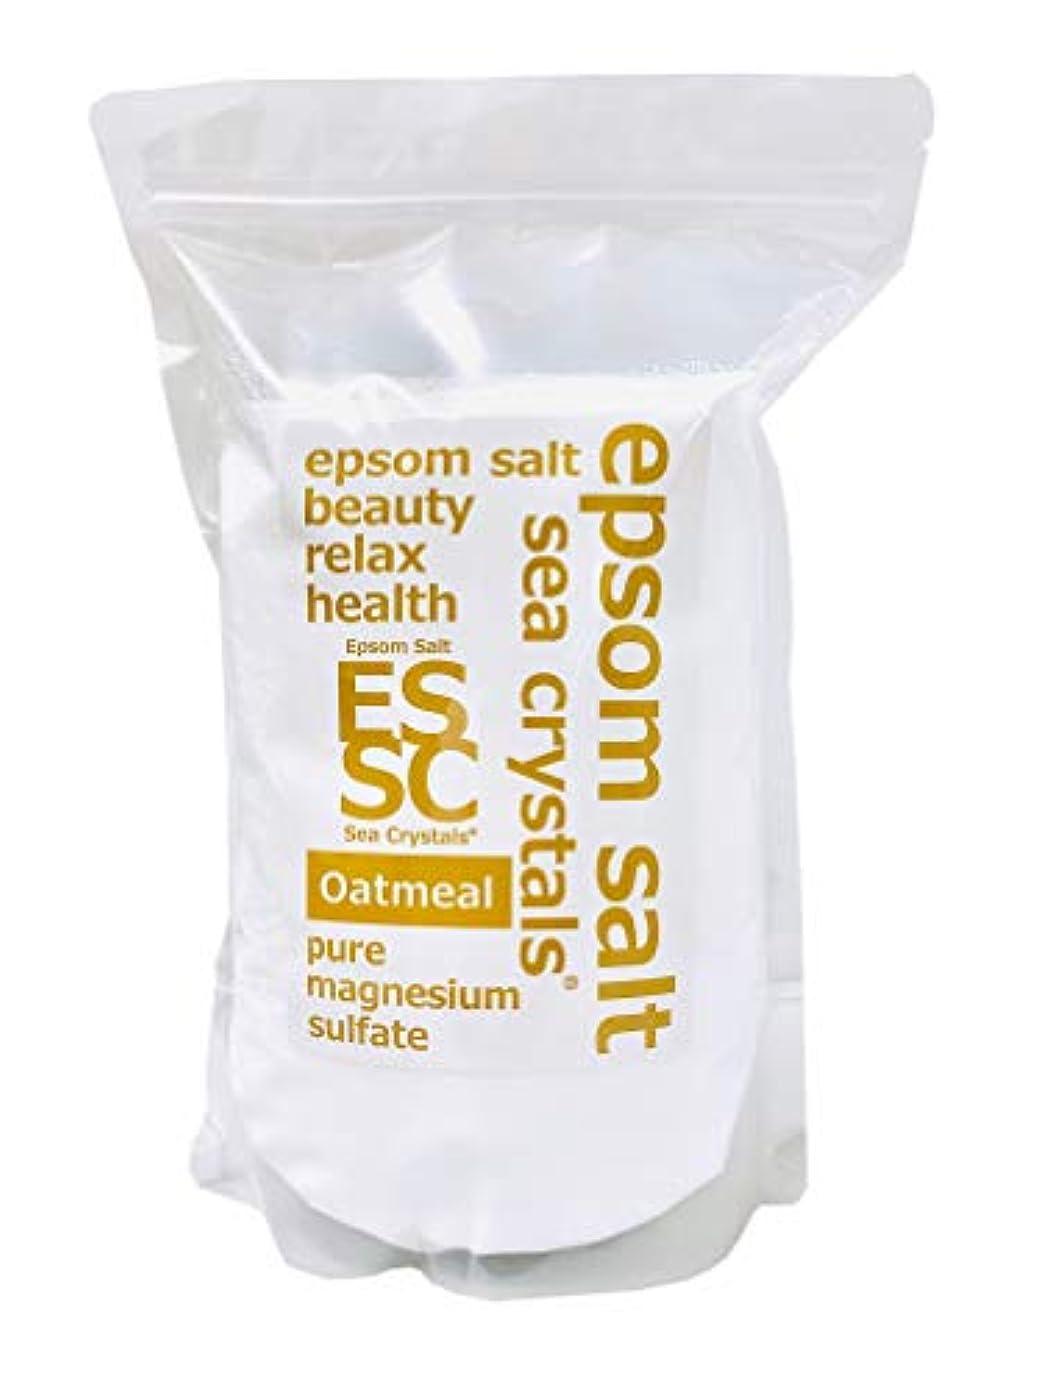 スコア私たち自身解明【Amazon.co.jp限定】 Sea Crystals(シークリスタルス) オートミールバス 入浴剤 White 2.2kg